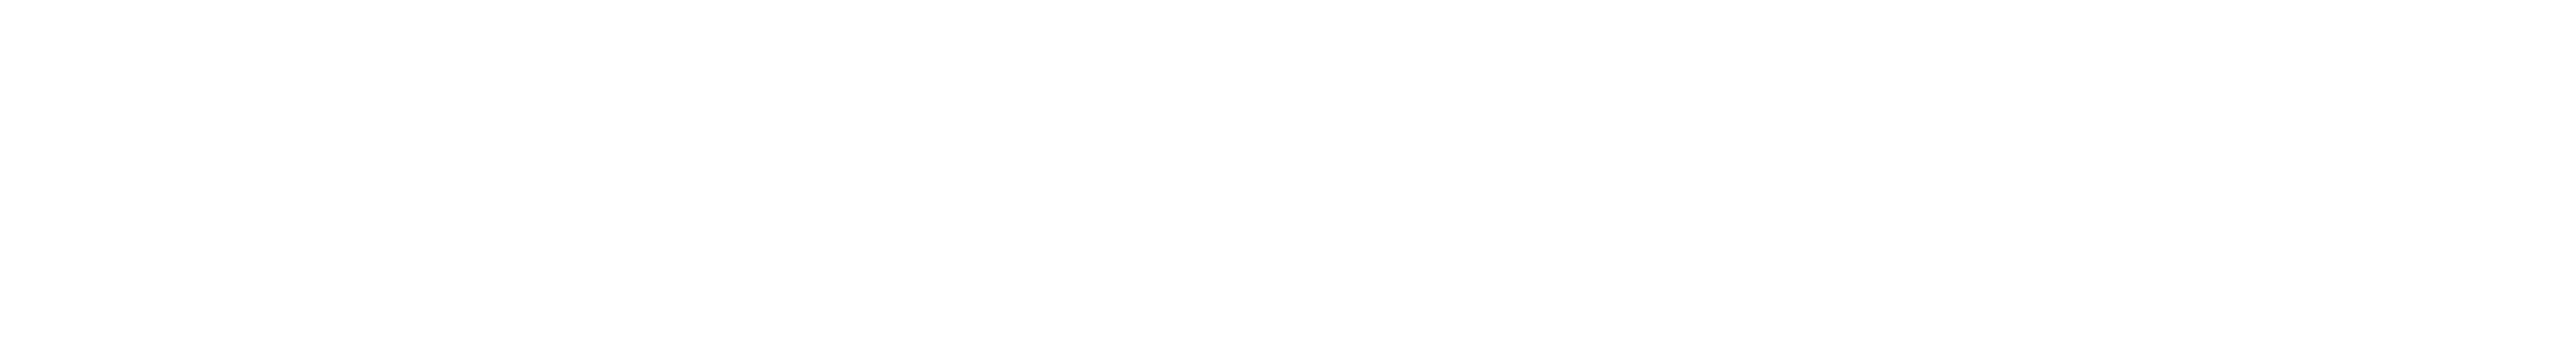 gigabyte logo white